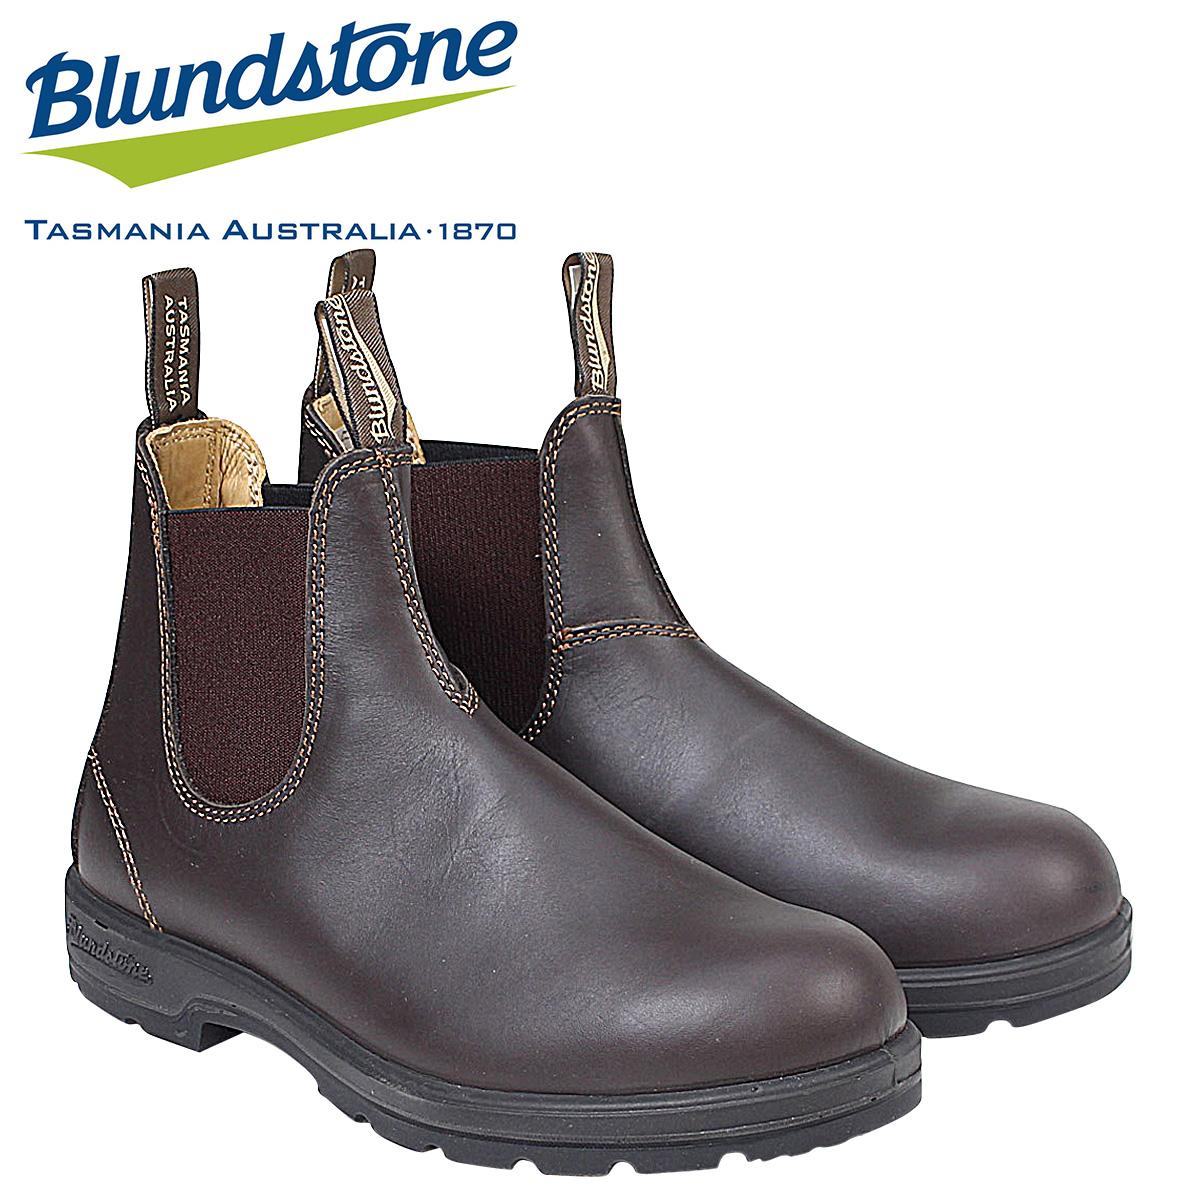 ブランドストーン Blundstone サイドゴア メンズ 550 ブーツ CLASSIC COMFORT ブラウン